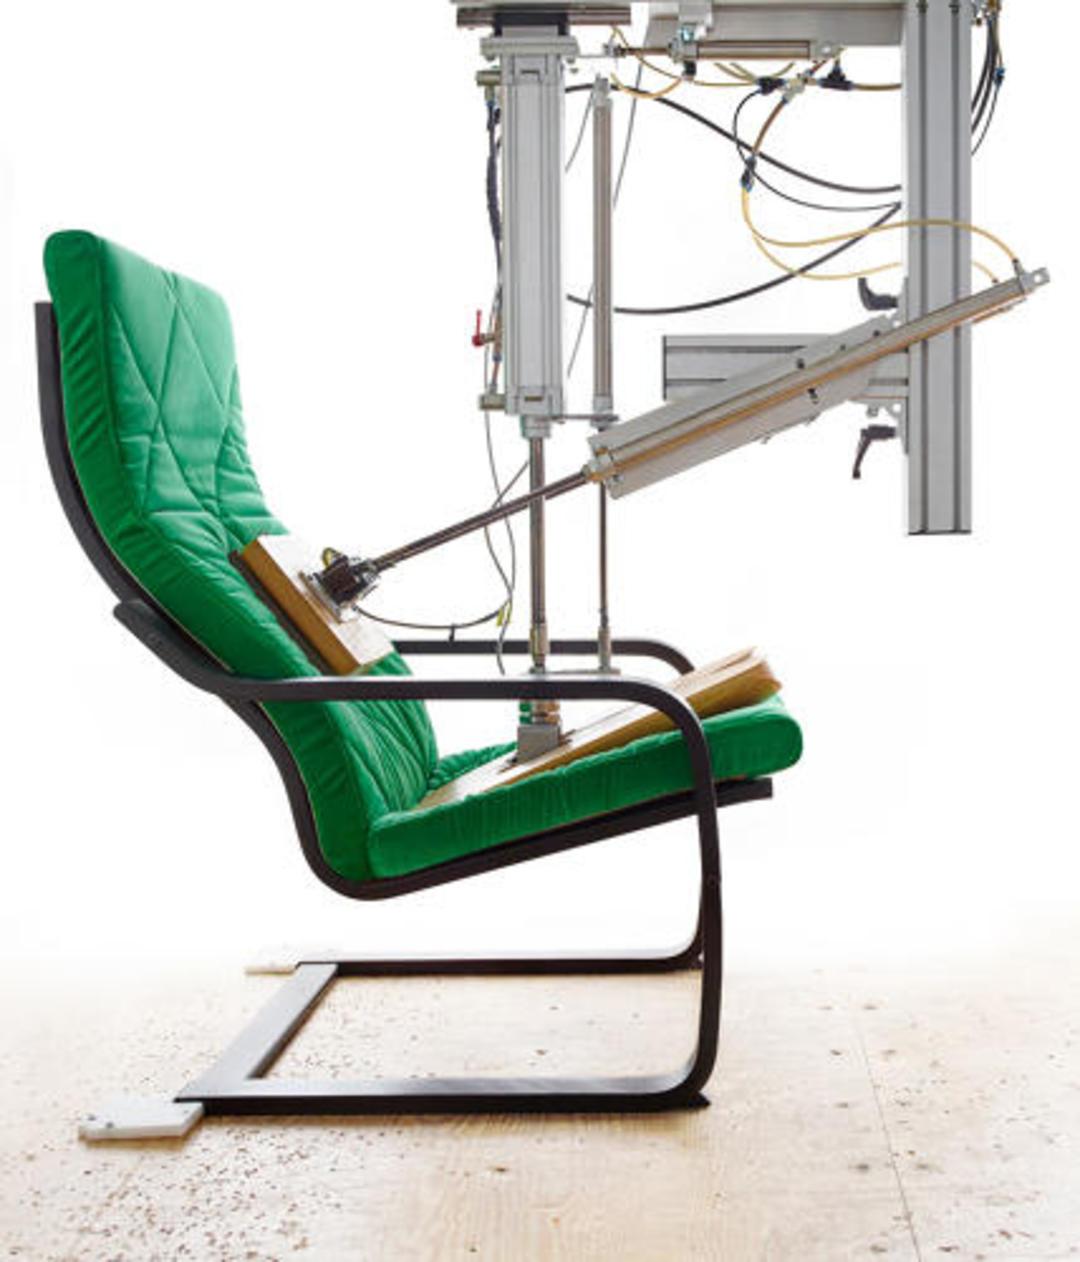 宜家这把扶手椅卖了 40 年,你知道它的故事吗?_设计_好奇心日报